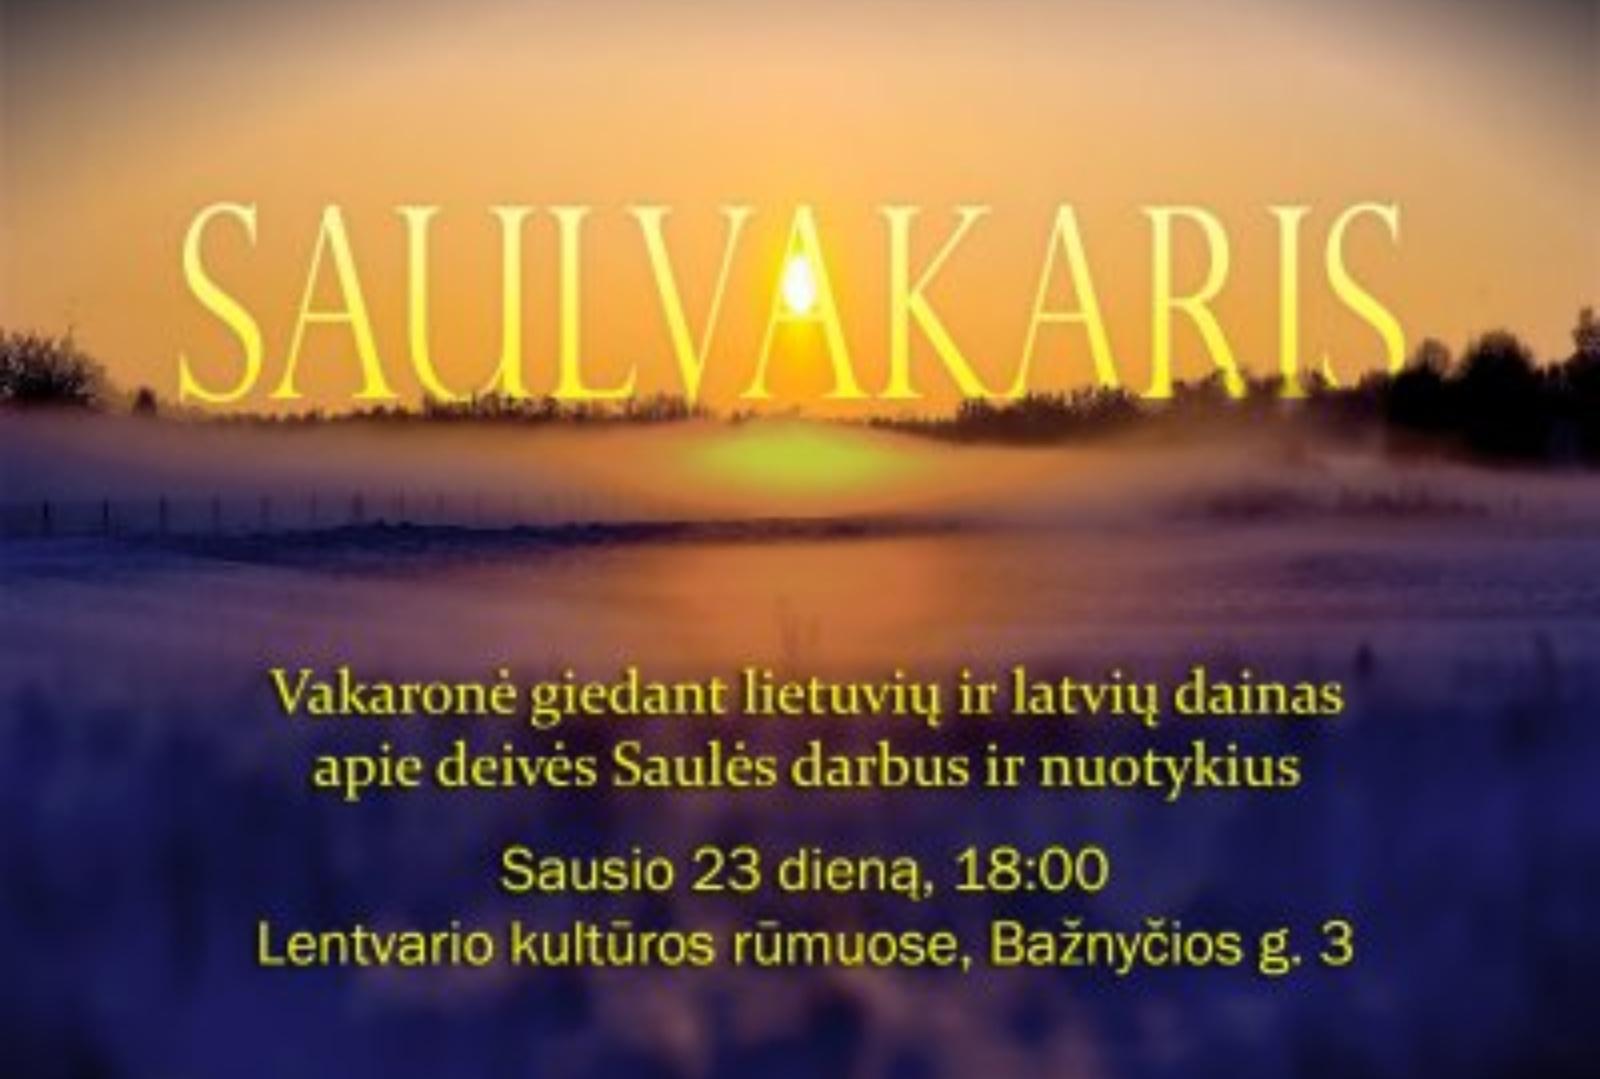 """Lentvario kultūros rūmuose – vakaronė """"Saulvakaris"""""""